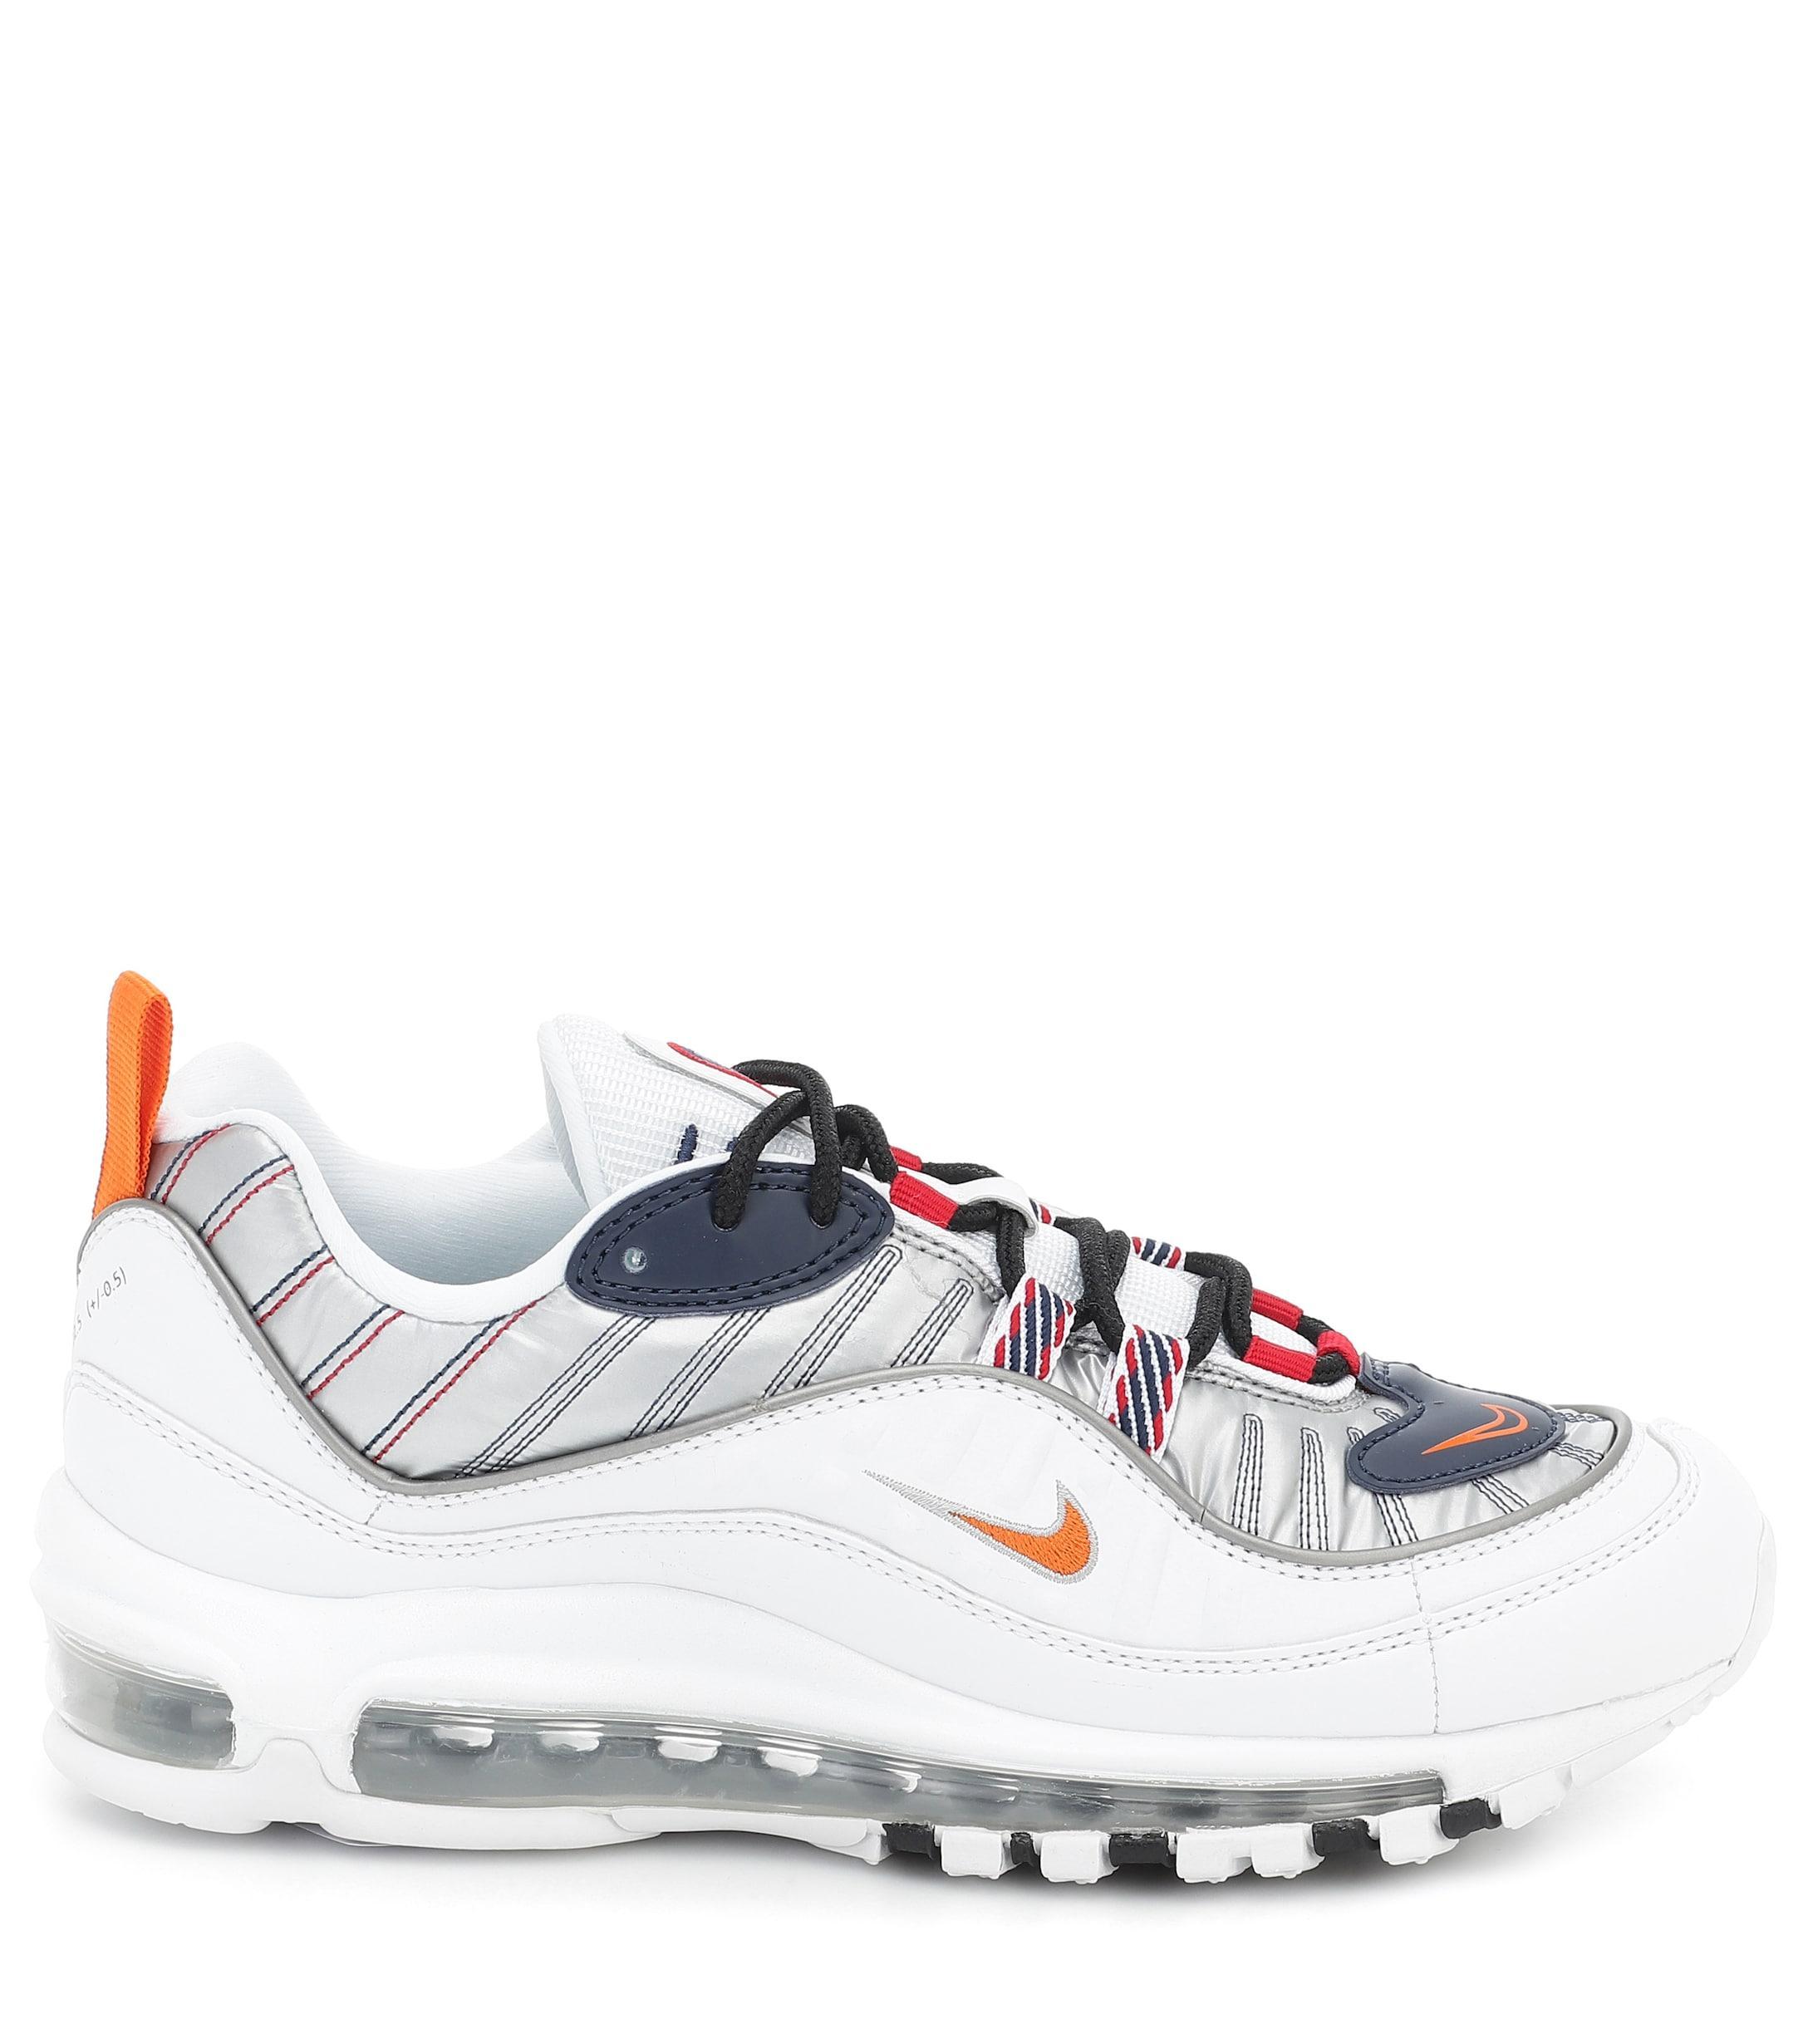 Zapatillas Air Max 98 de piel Nike de color Blanco